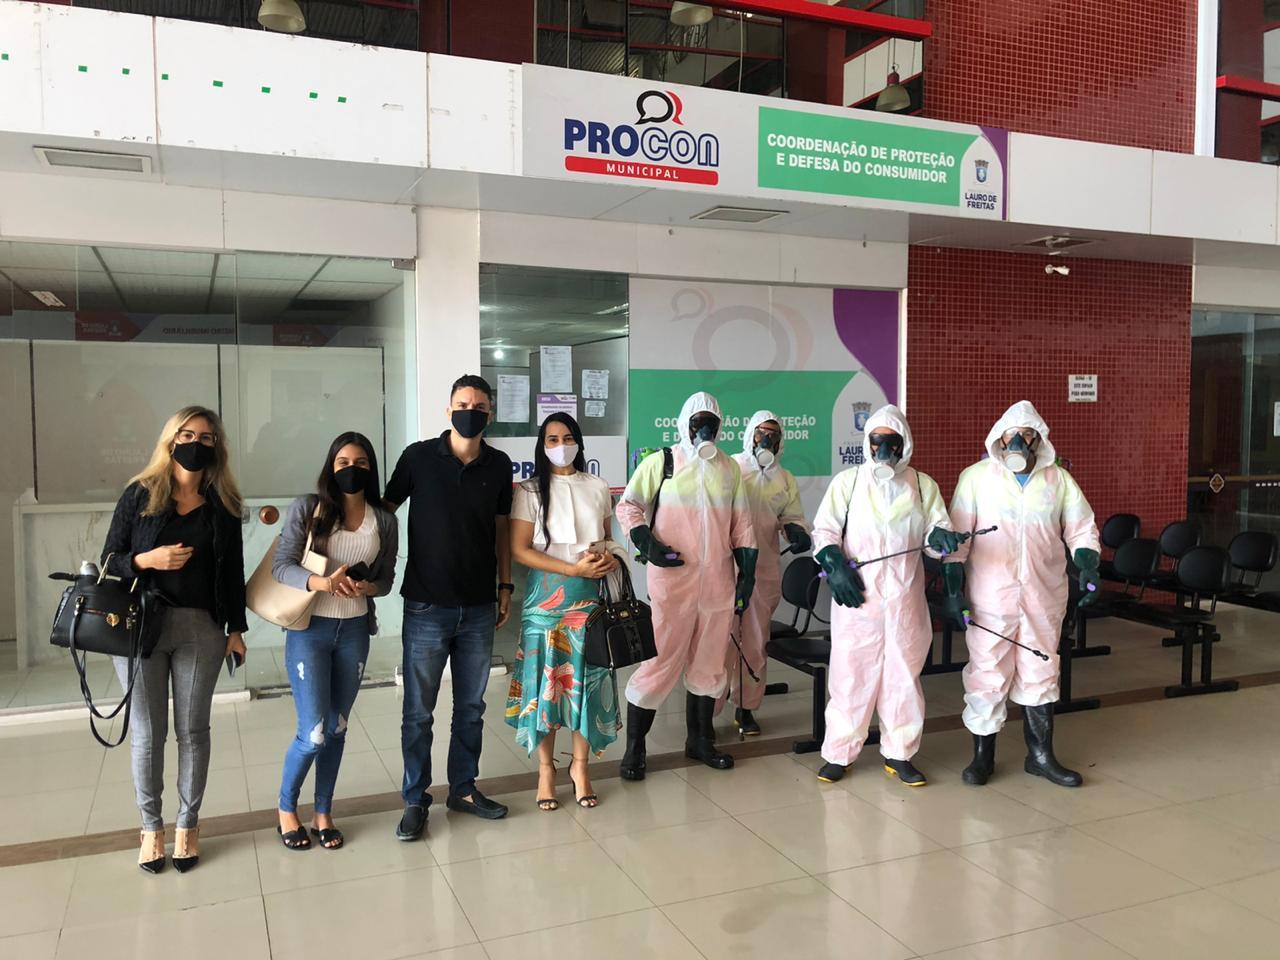 Lauro de Freitas: Unidade do Procon recebe equipe de higienização